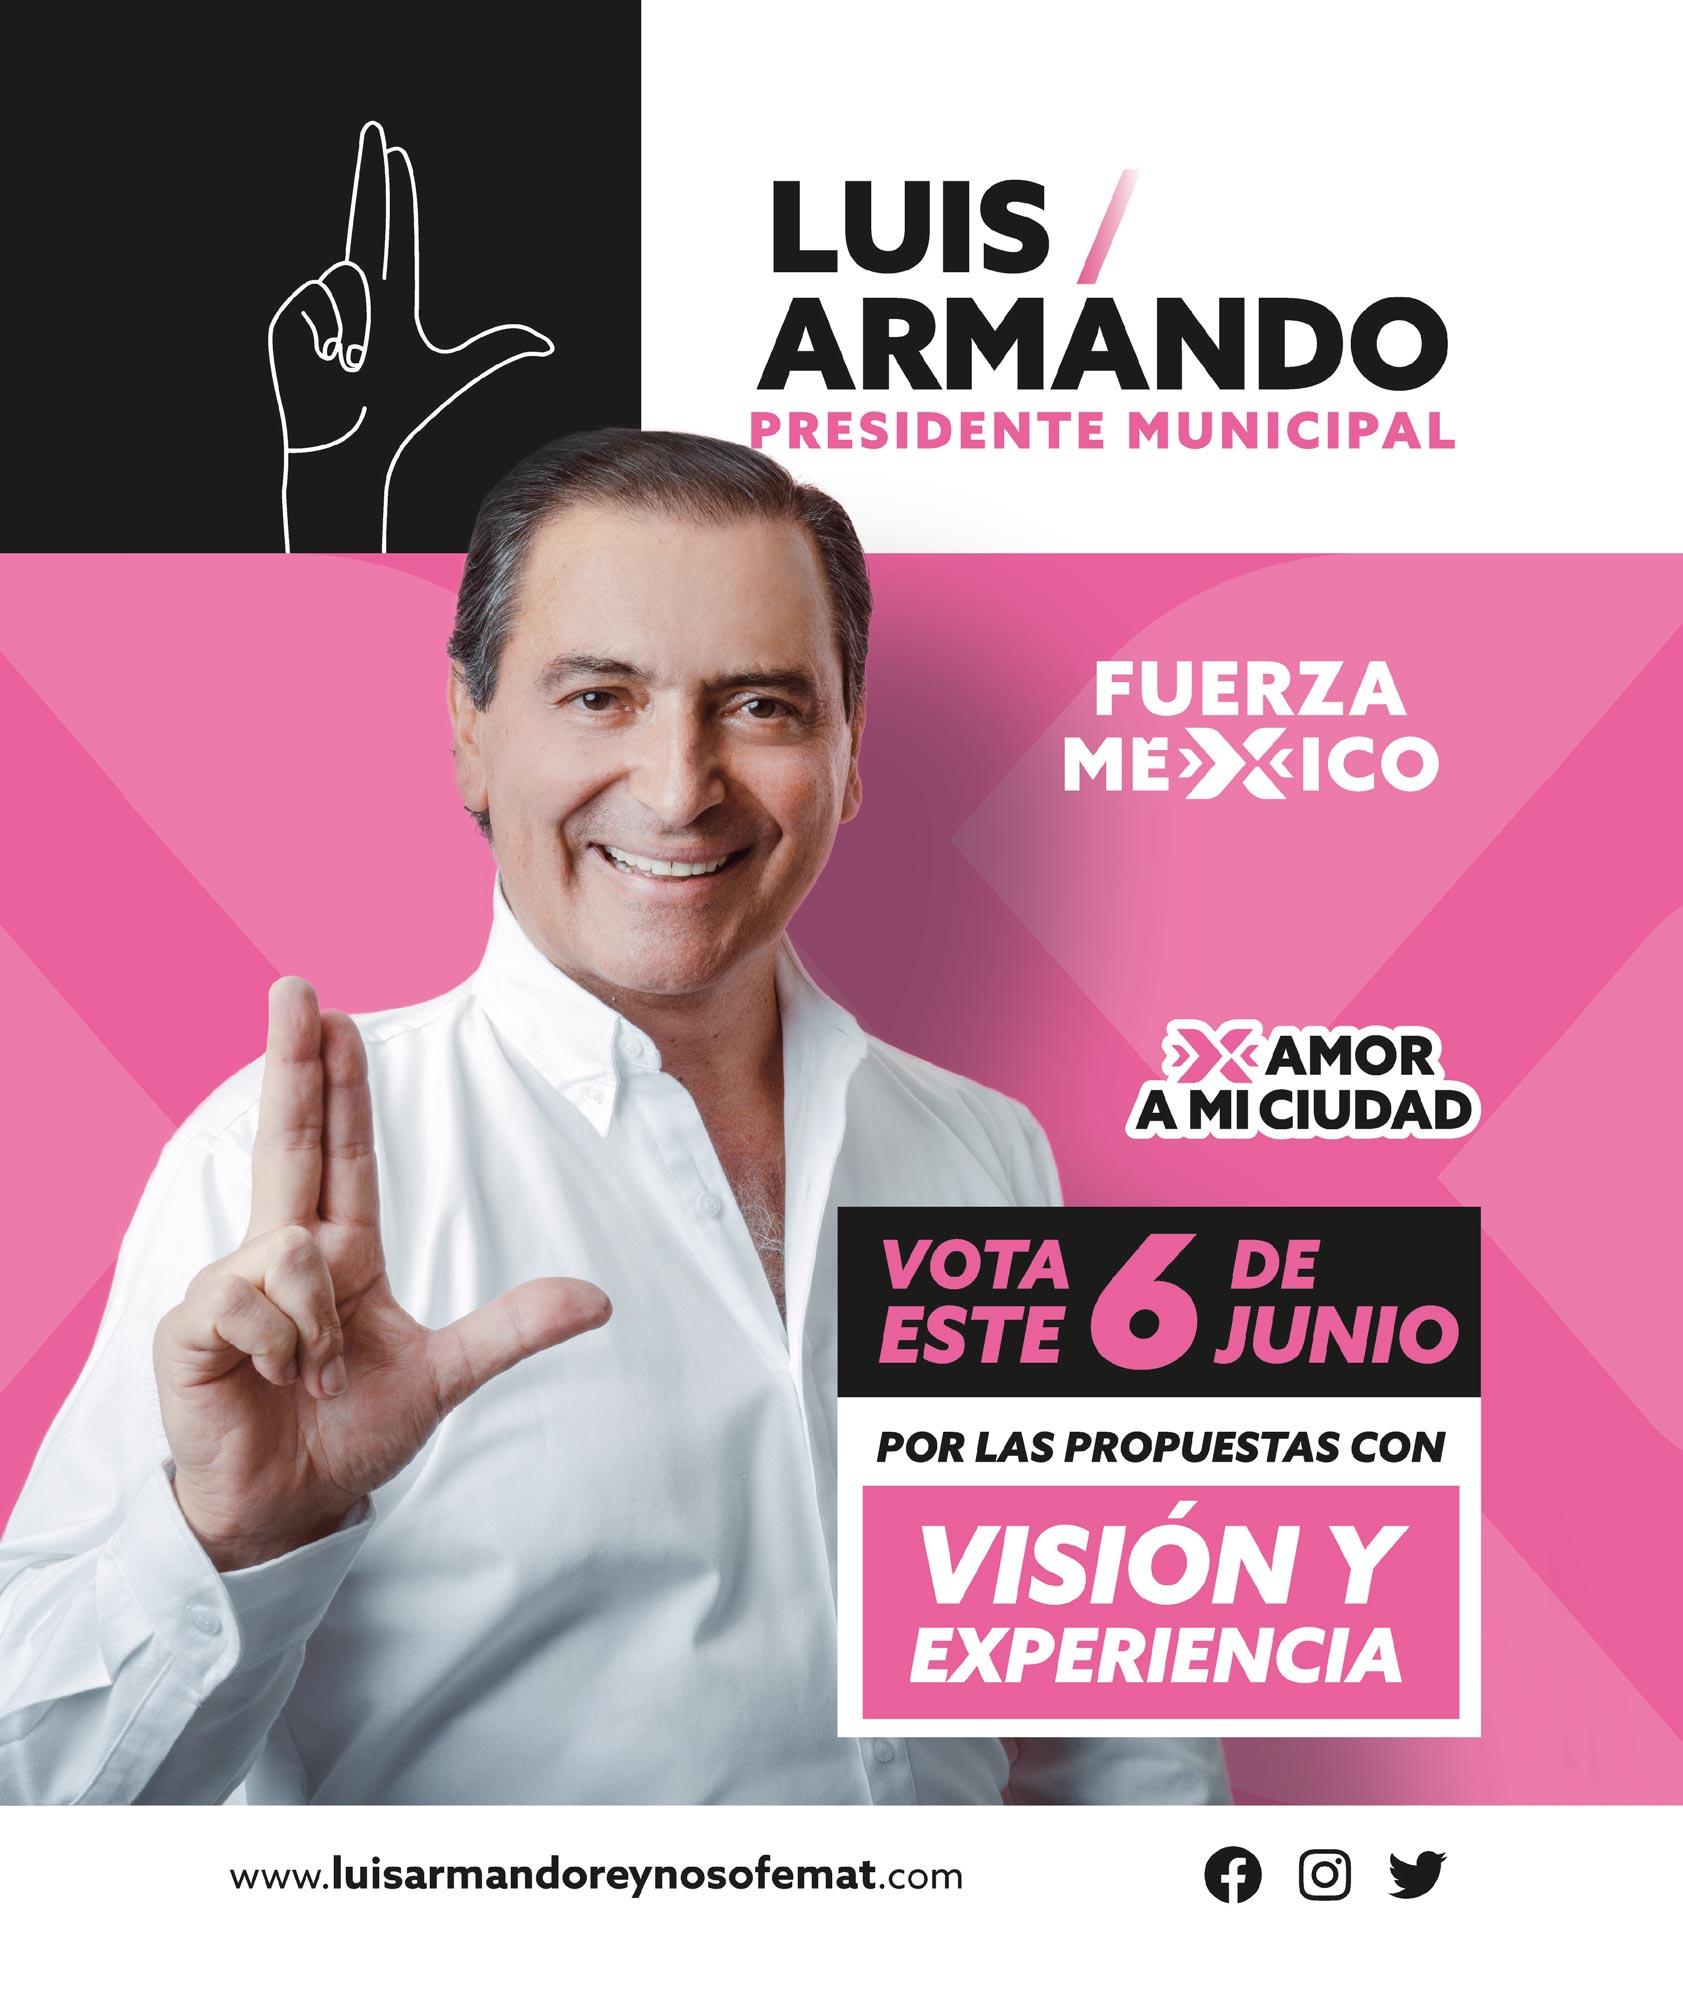 LUIS-ARMANDO